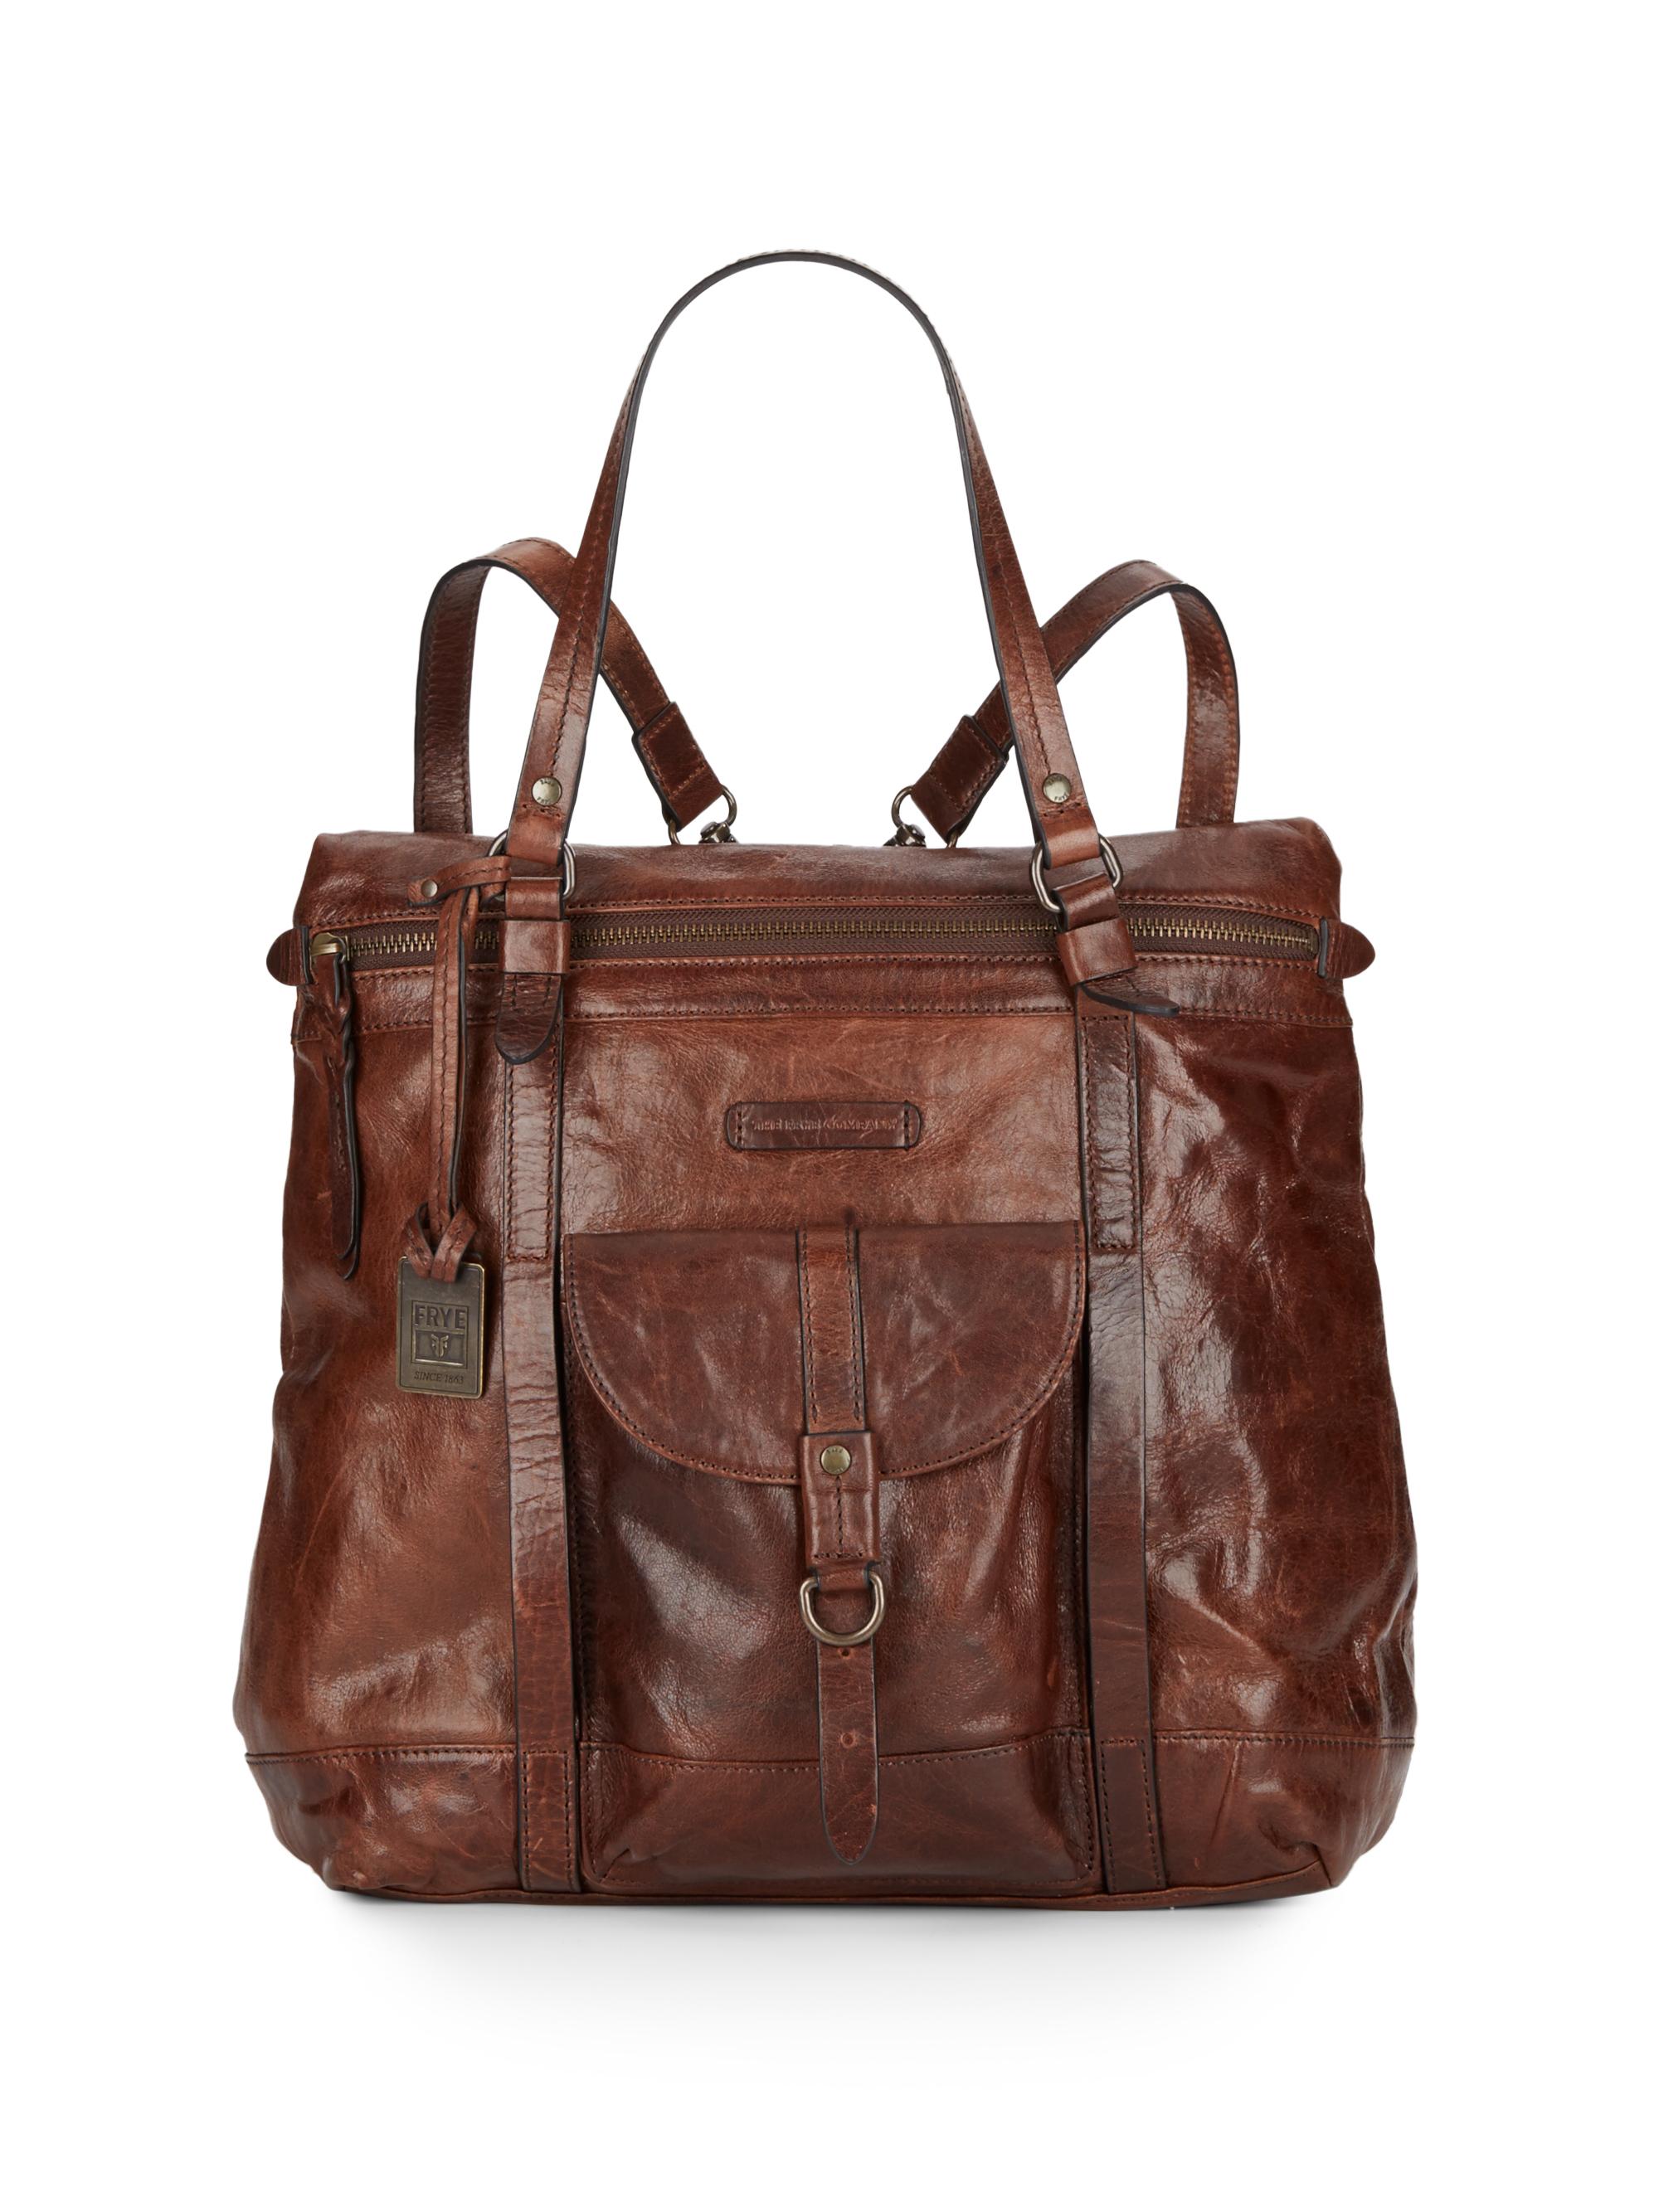 Handbags-027.JPG